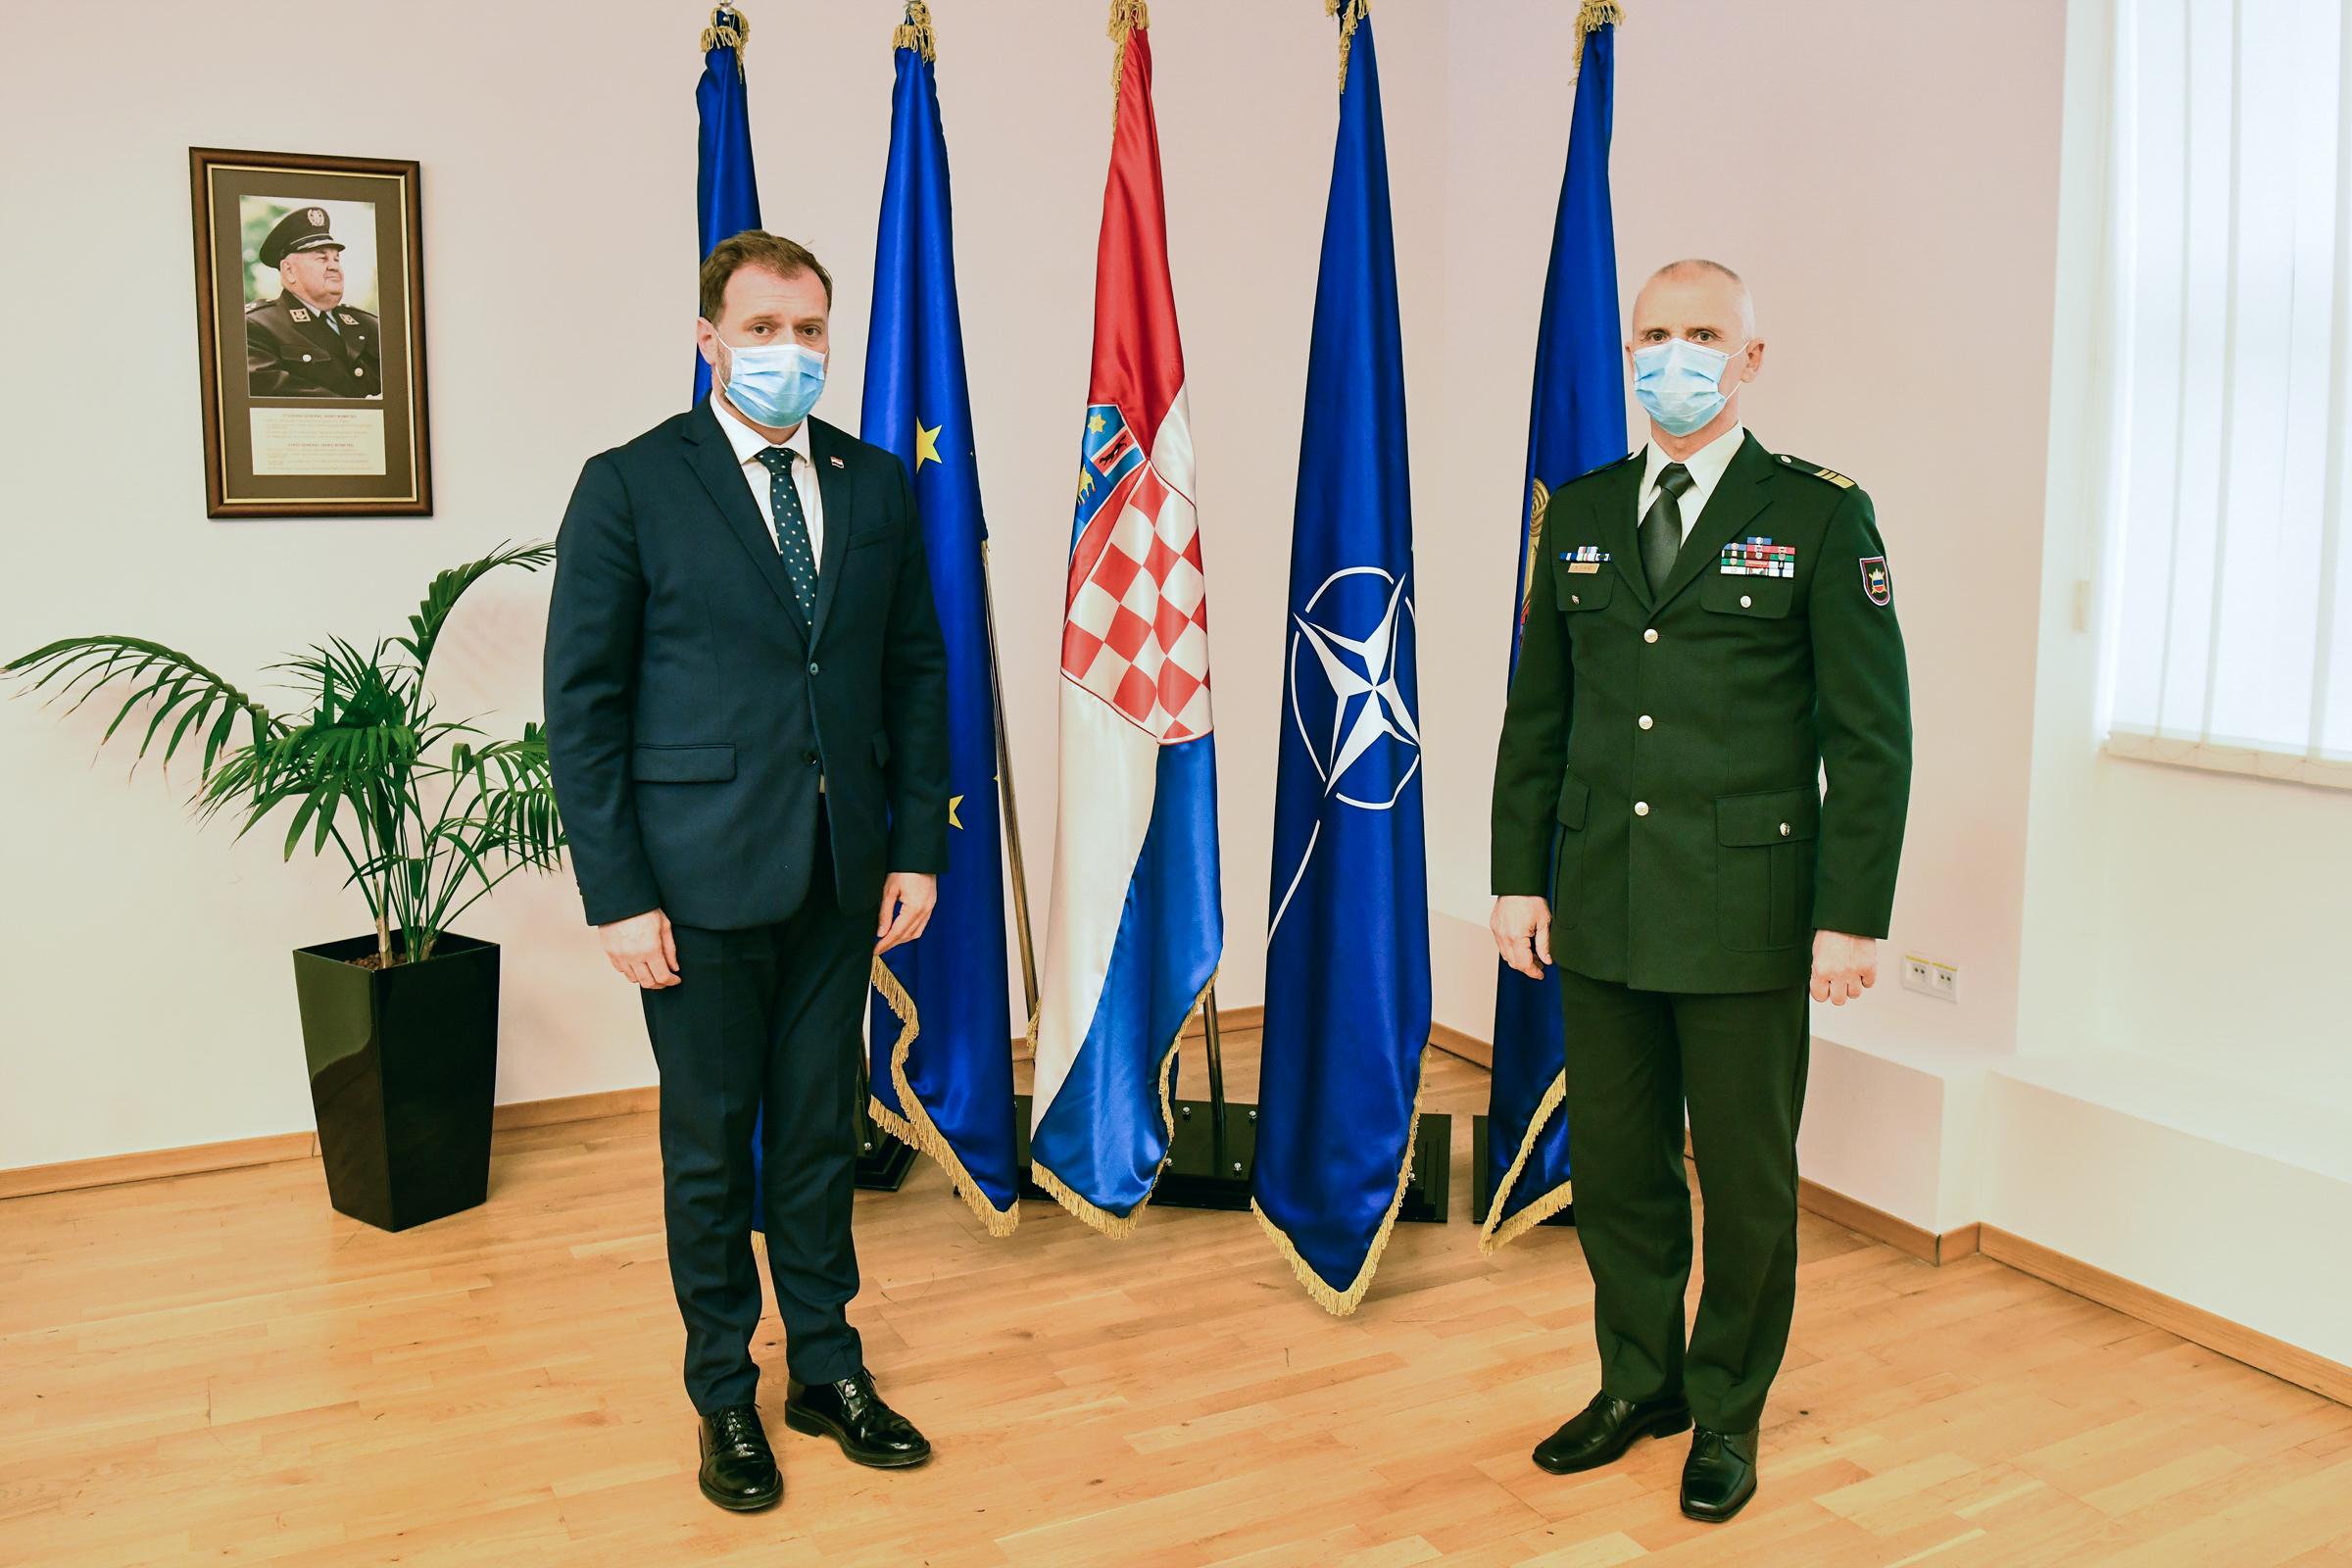 Ministar Banožić s načelnikom Generalštaba Slovenske vojske generalom Glavašem